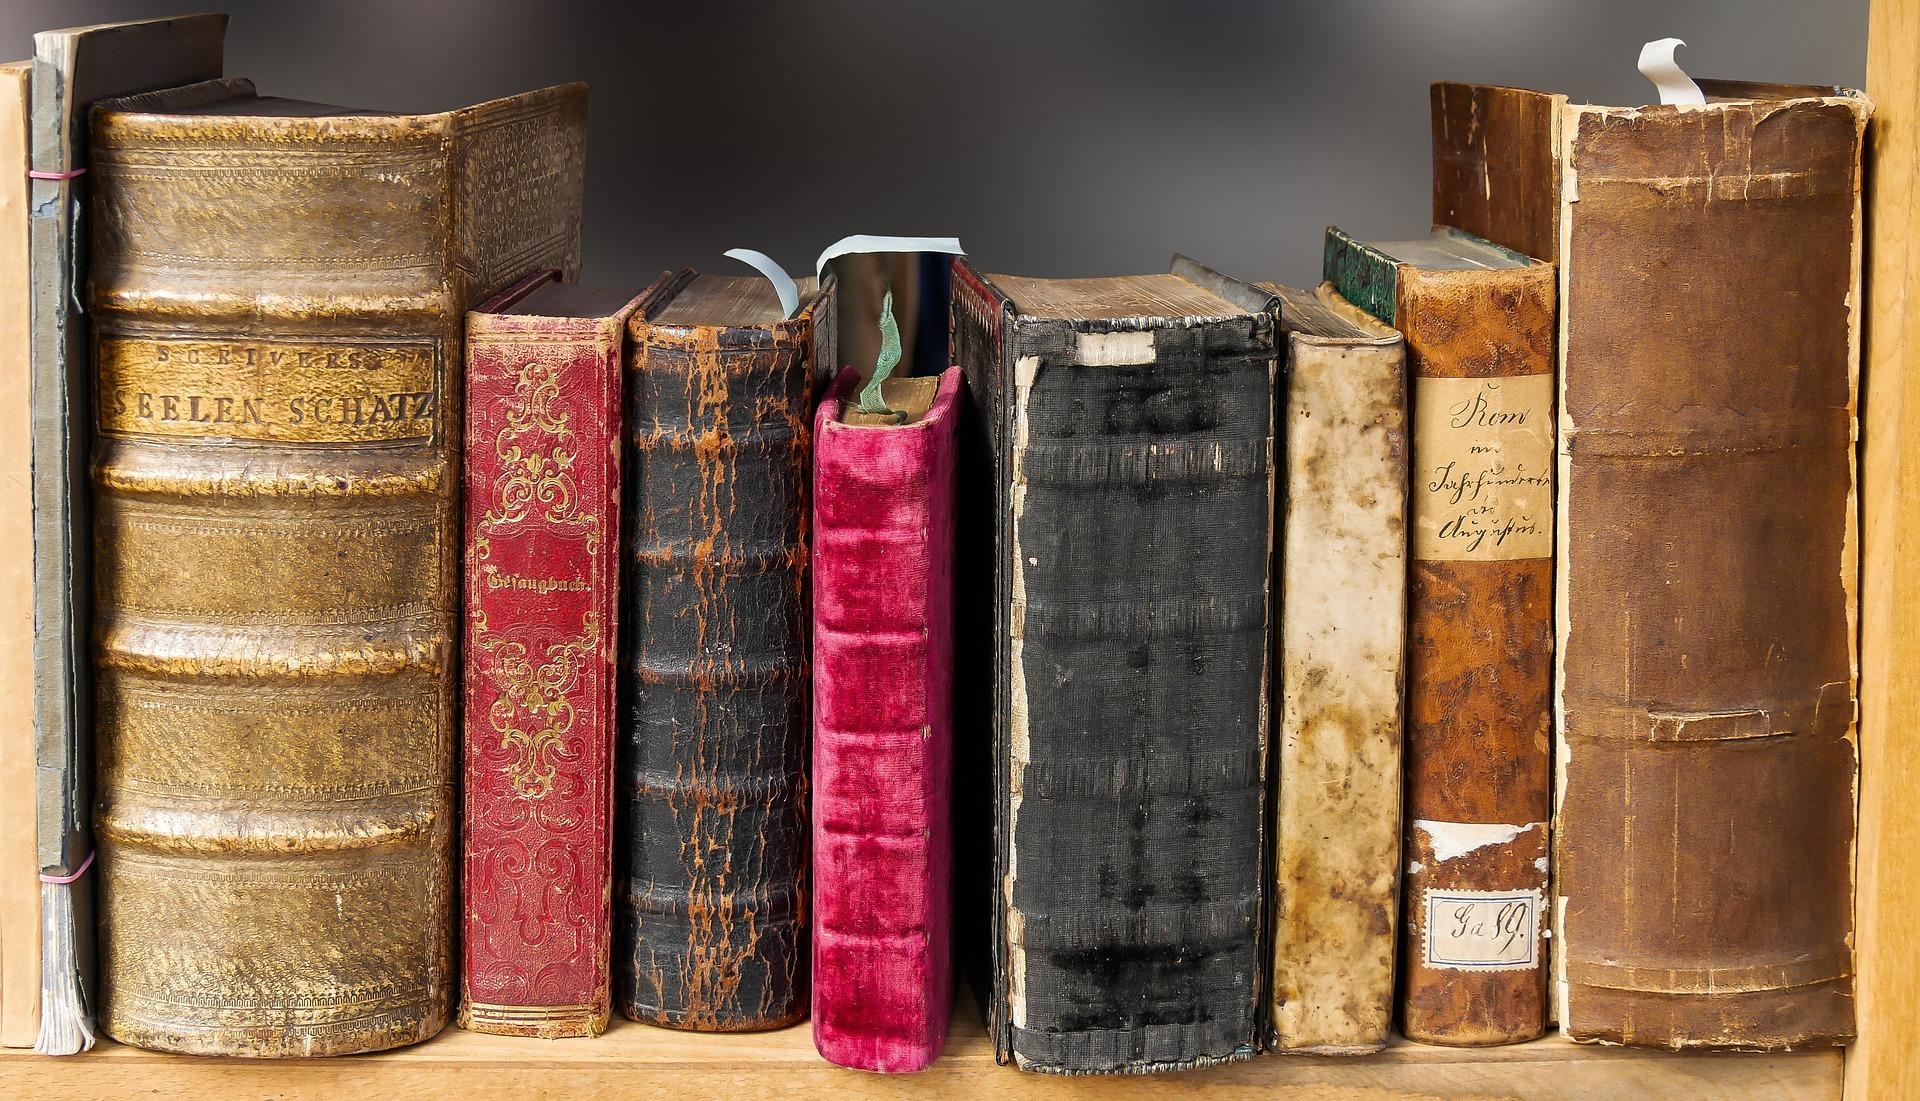 Ausgelesene Bücher verkaufen auf geldsparblogger.de